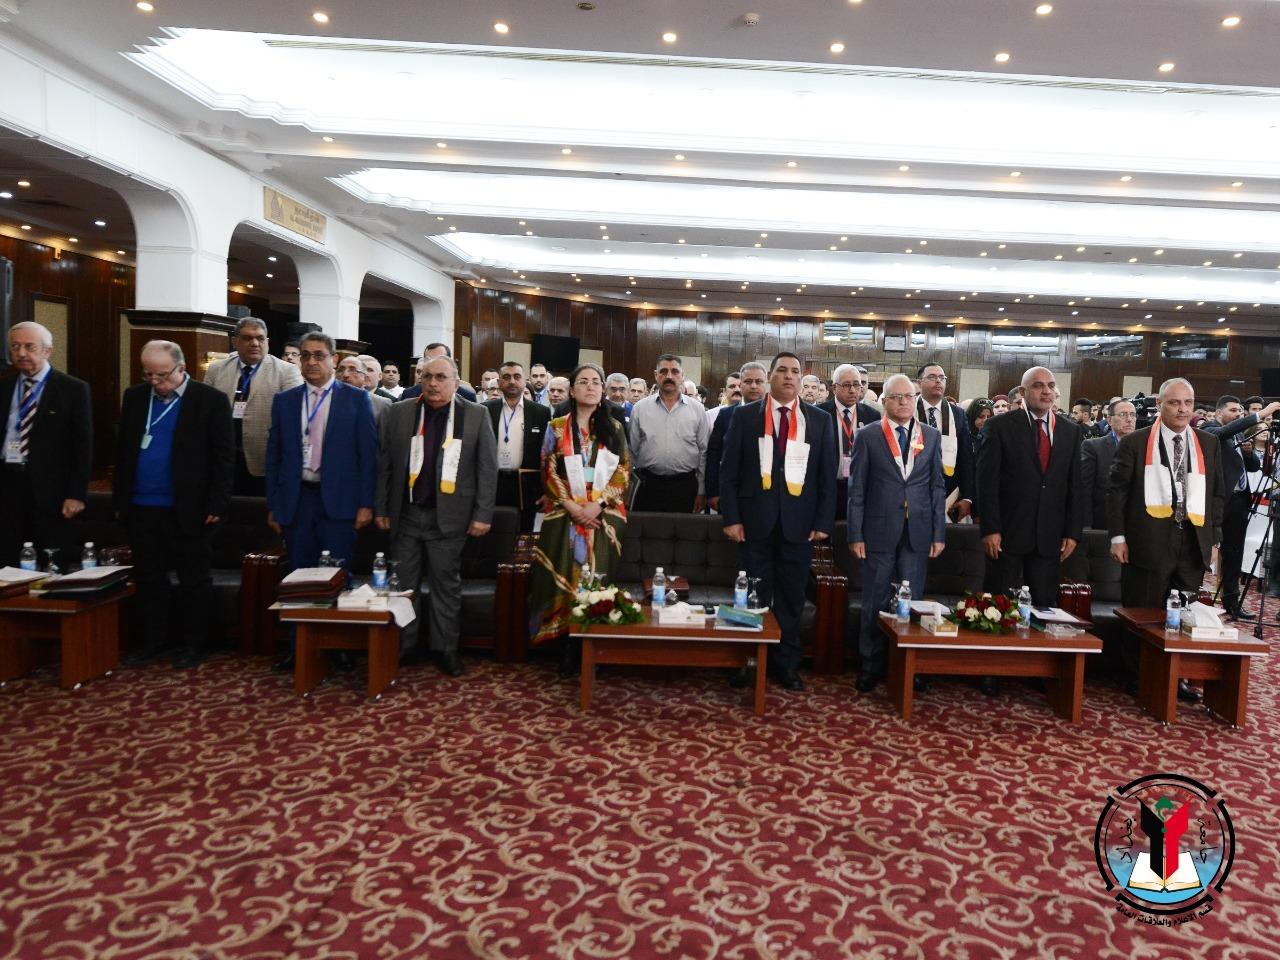 جامعة بغداد تعلن انطلاق فعاليات المؤتمر الدولي الاول لتكنولوجيا المعلومات والاتصالات